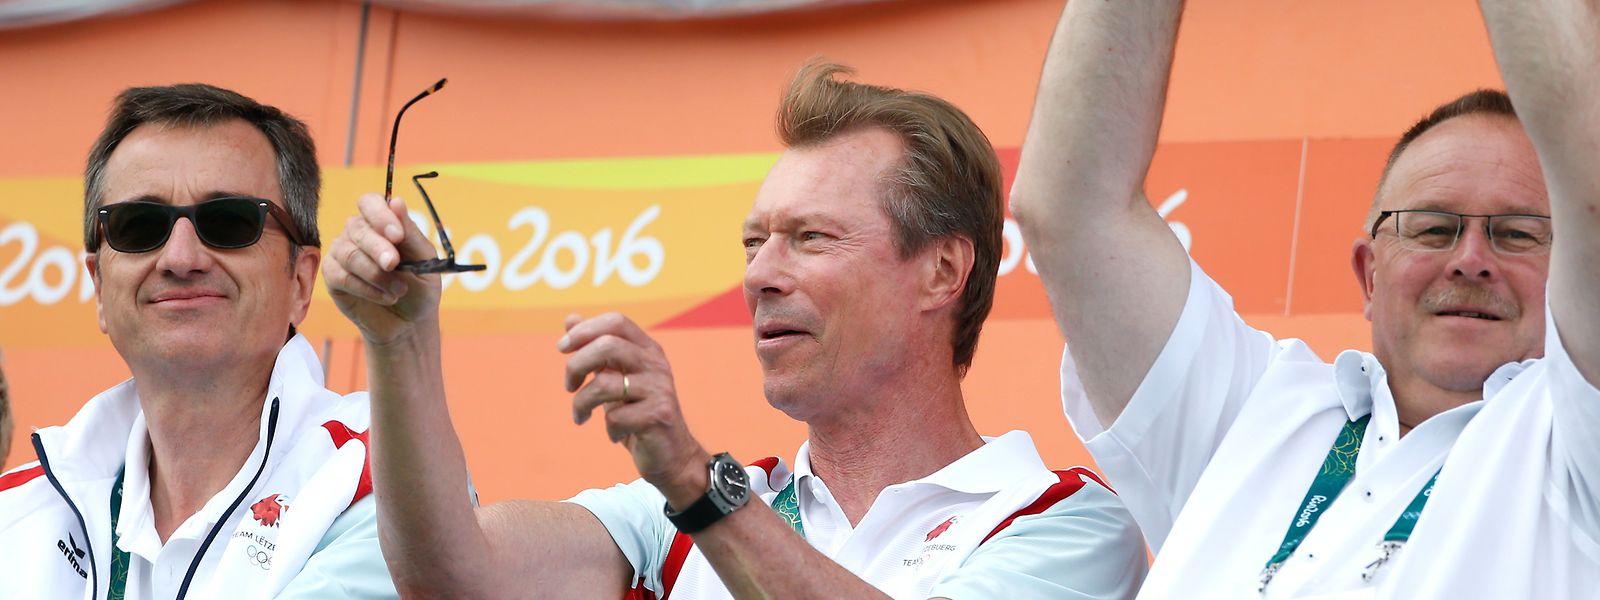 Pour rien au monde, le grand-duc Henri ne manquerait de soutenir les athlètes luxembourgeois dans une grande compétition sportive. Ici, lors des Jeux de Rio en 2016.